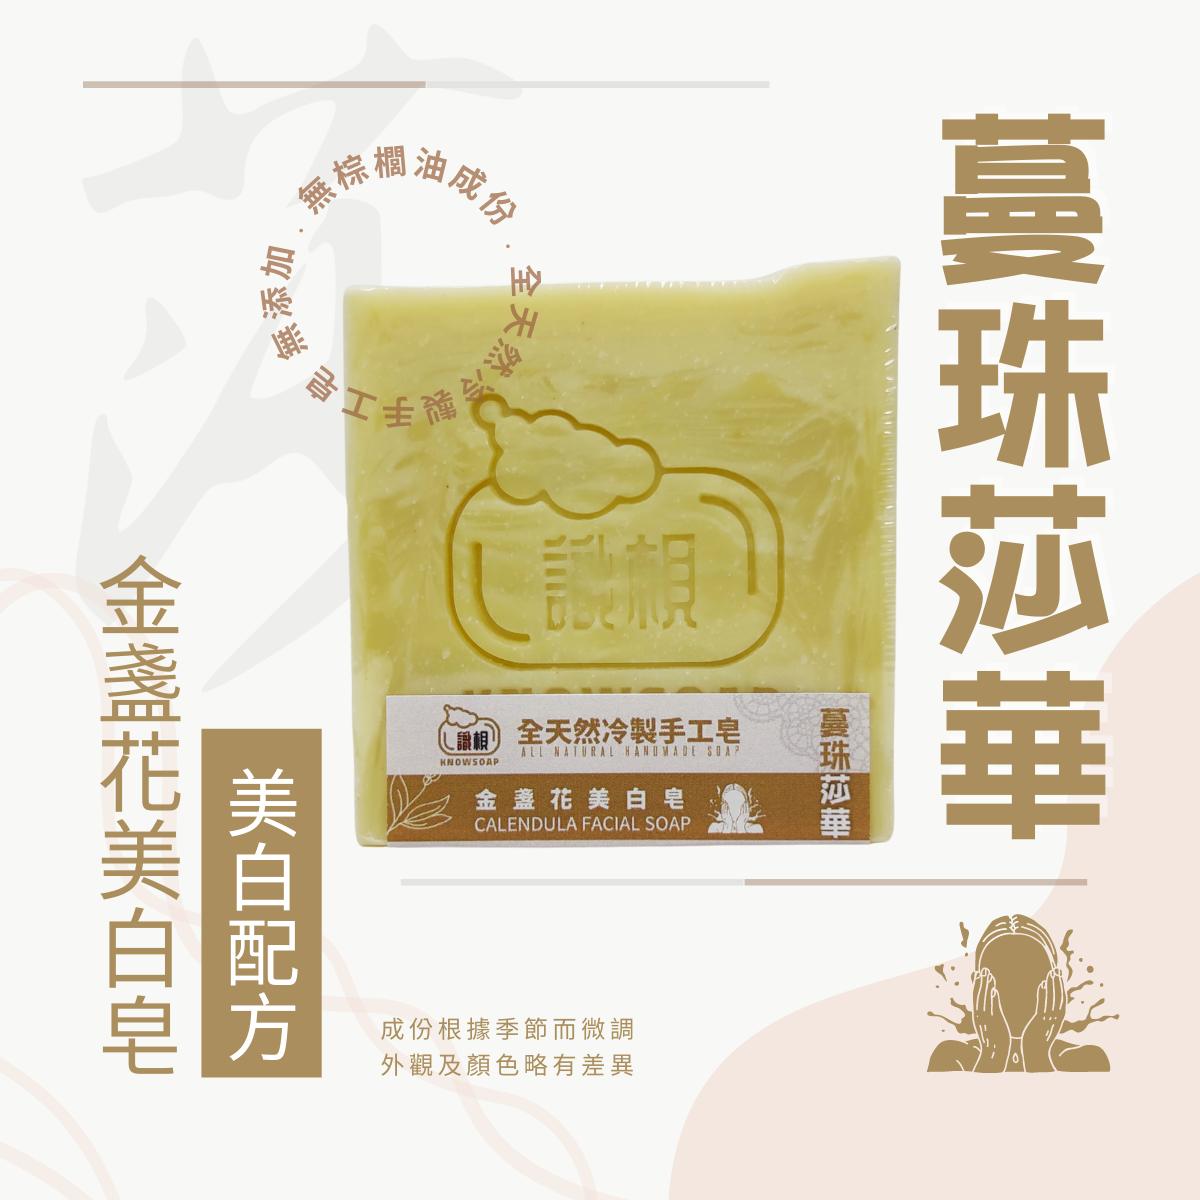 全天然手工皂 100%冷制 handmade soap 【識梘KNOWSOAP】 蔓珠莎華:金盞花美白皂 美白配方FC9002